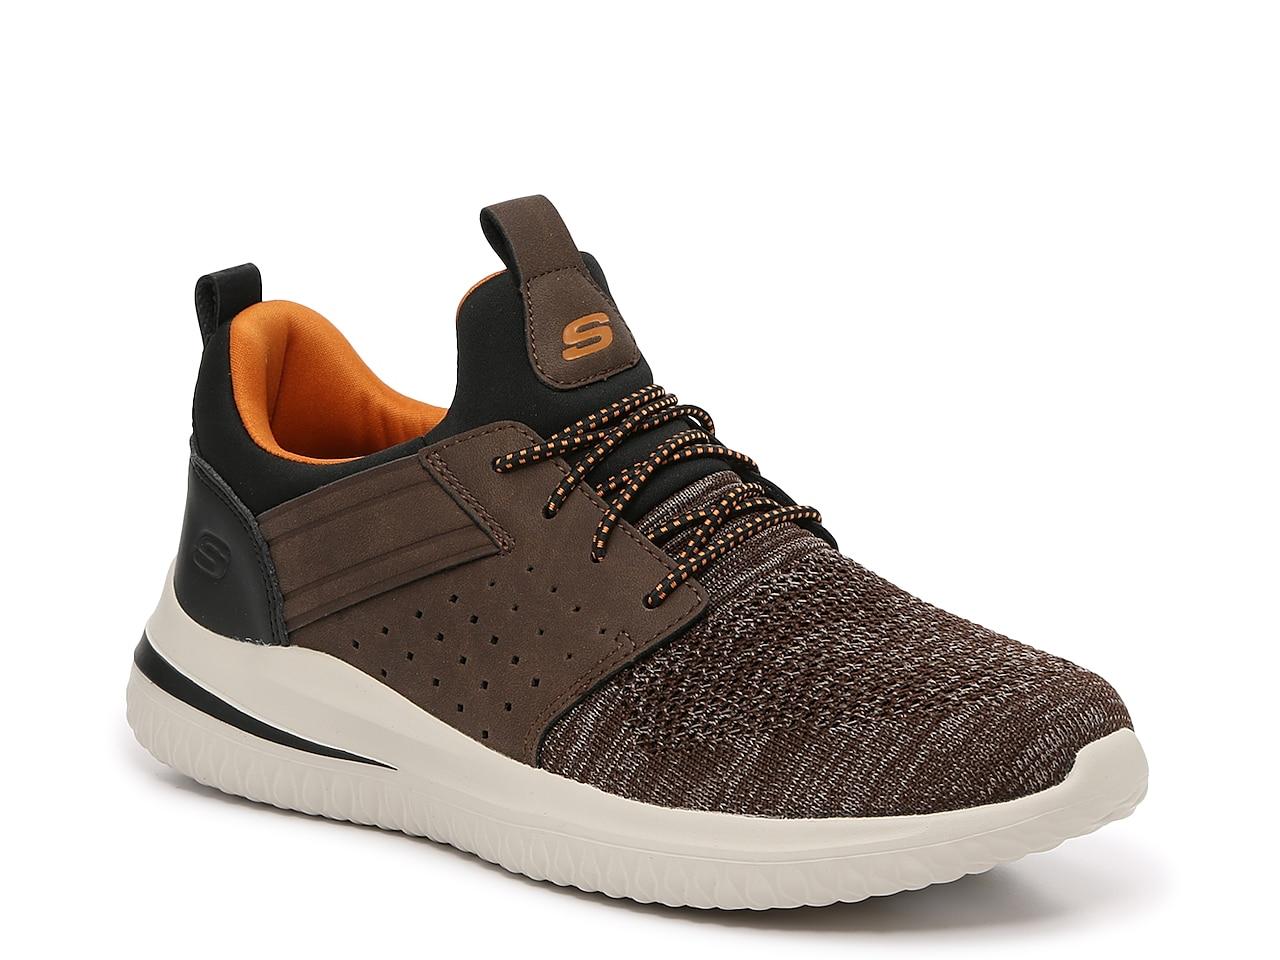 Skechers Delson 3.0 Slip-On Sneaker